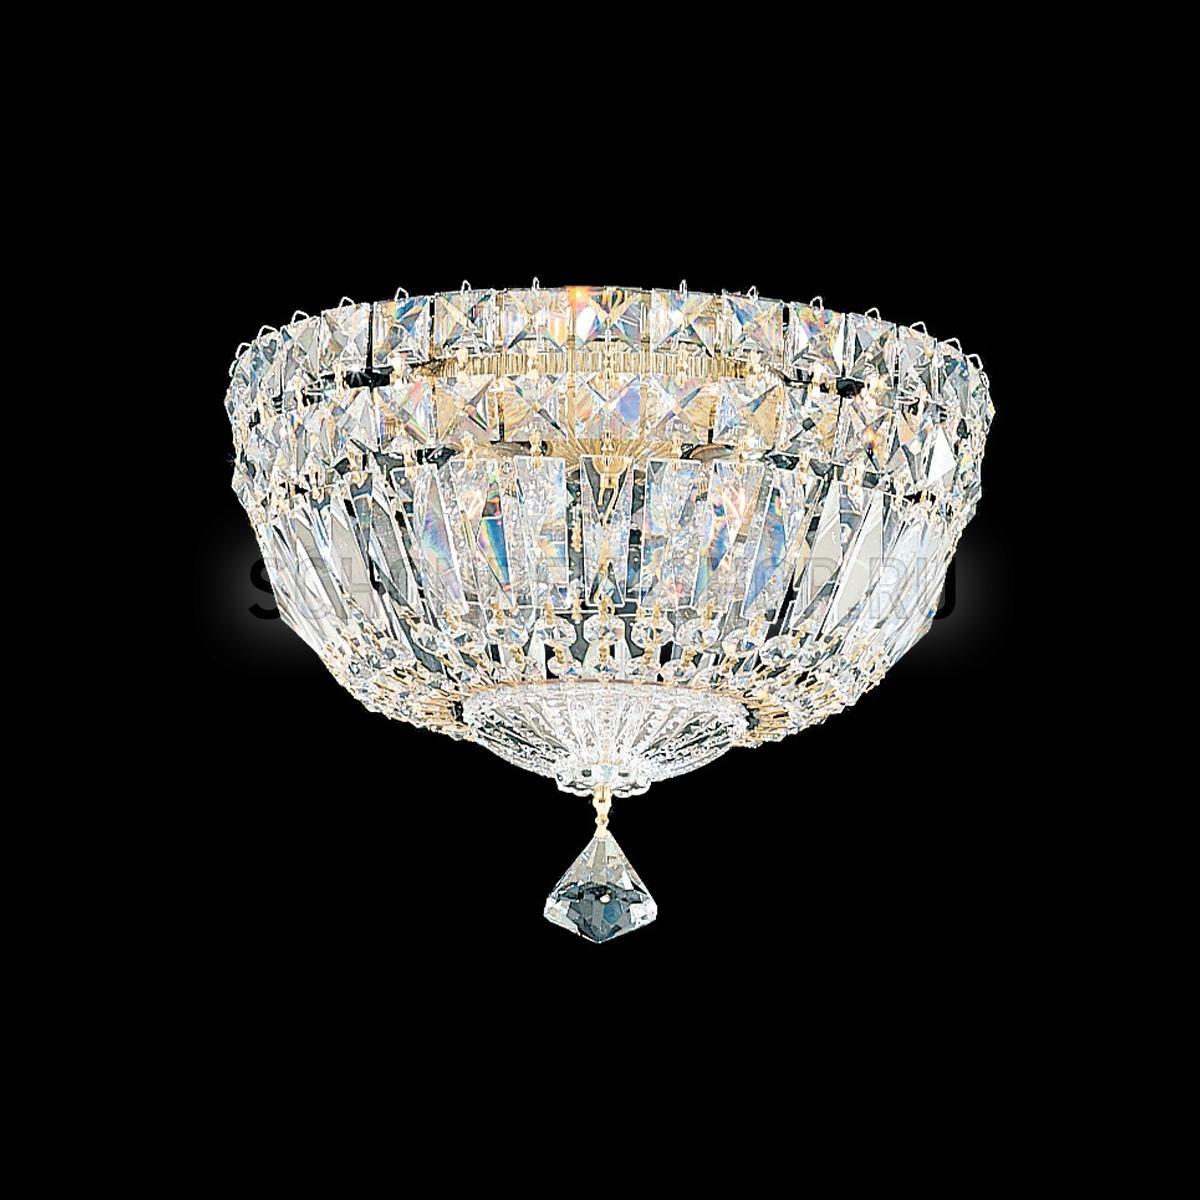 Фотография 1 - Светильник Schonbek Petit Crystal Deluxe 5891